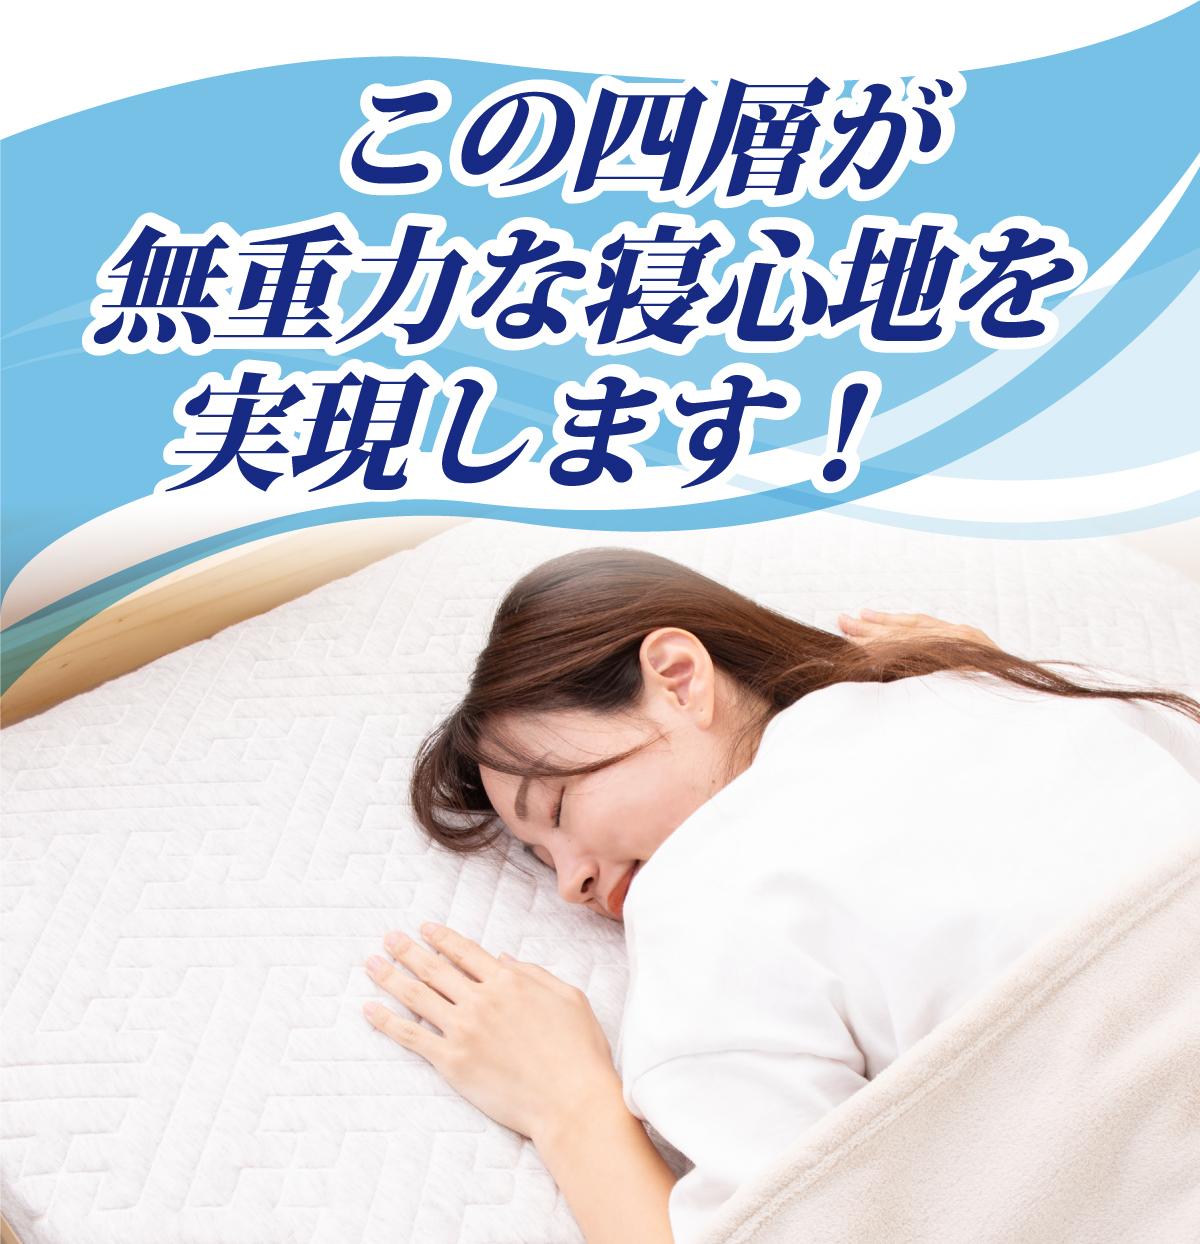 この四層が無重力な寝心地を実現します!